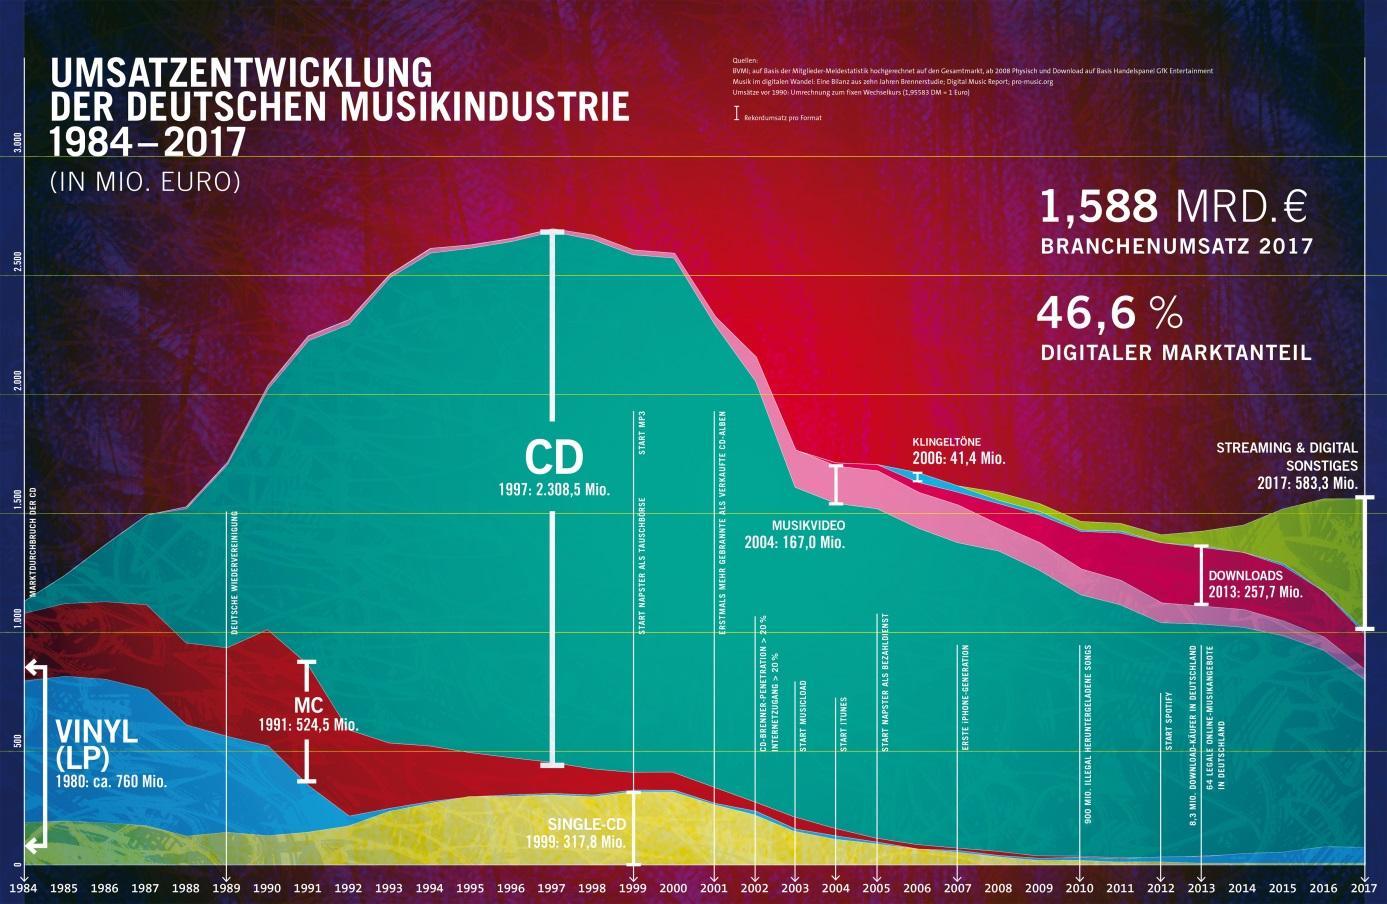 Musikbranche - Digitalisierung im vierten Jahrzehnt